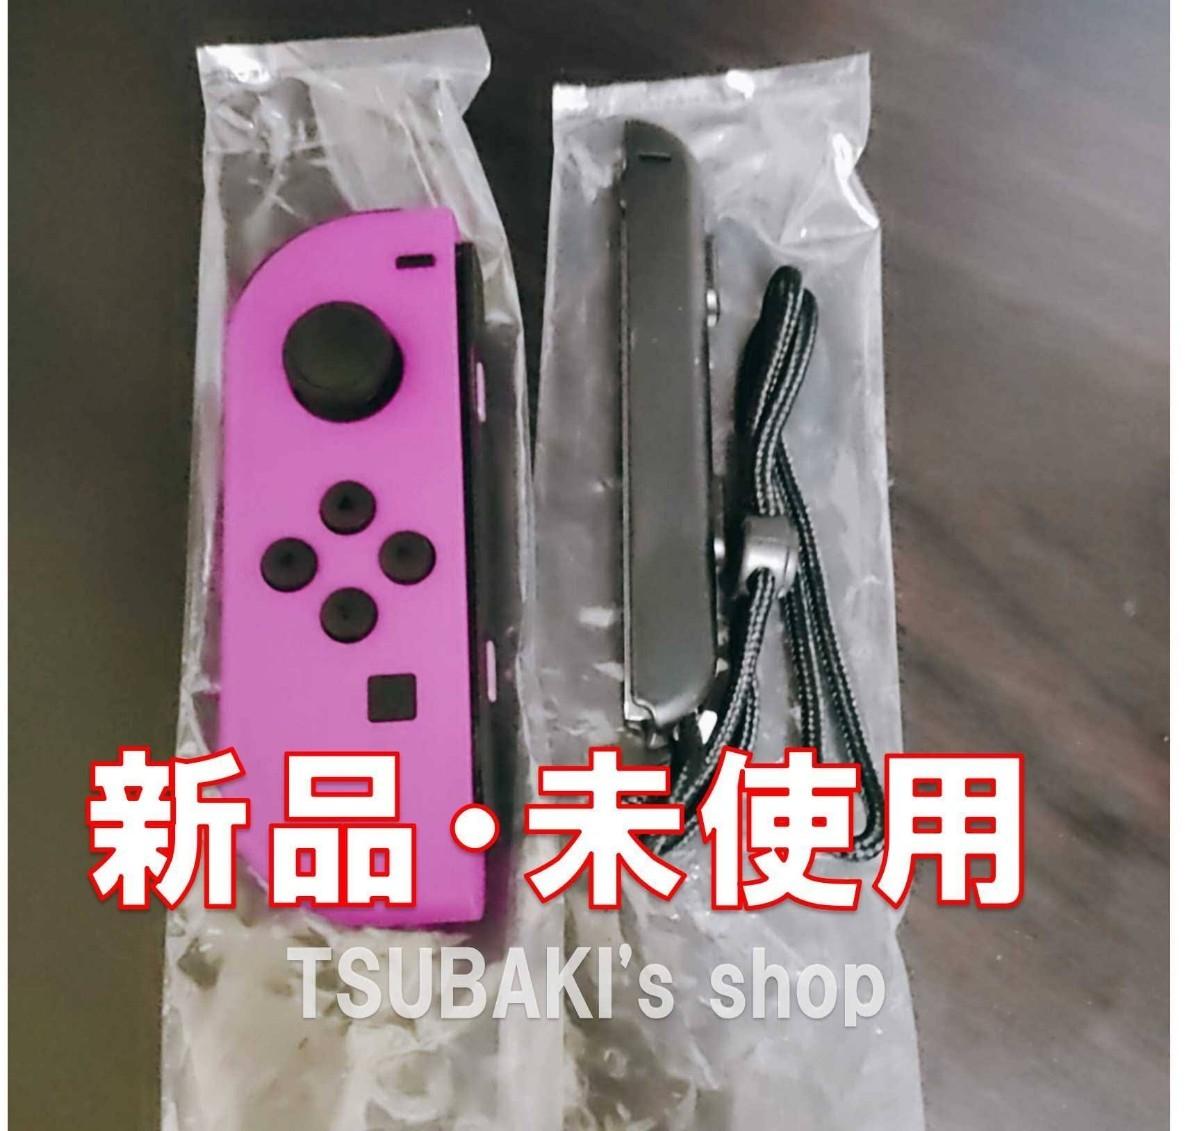 ジョイコン ネオンパープル 左 Switch スイッチ Joy-Con (L)